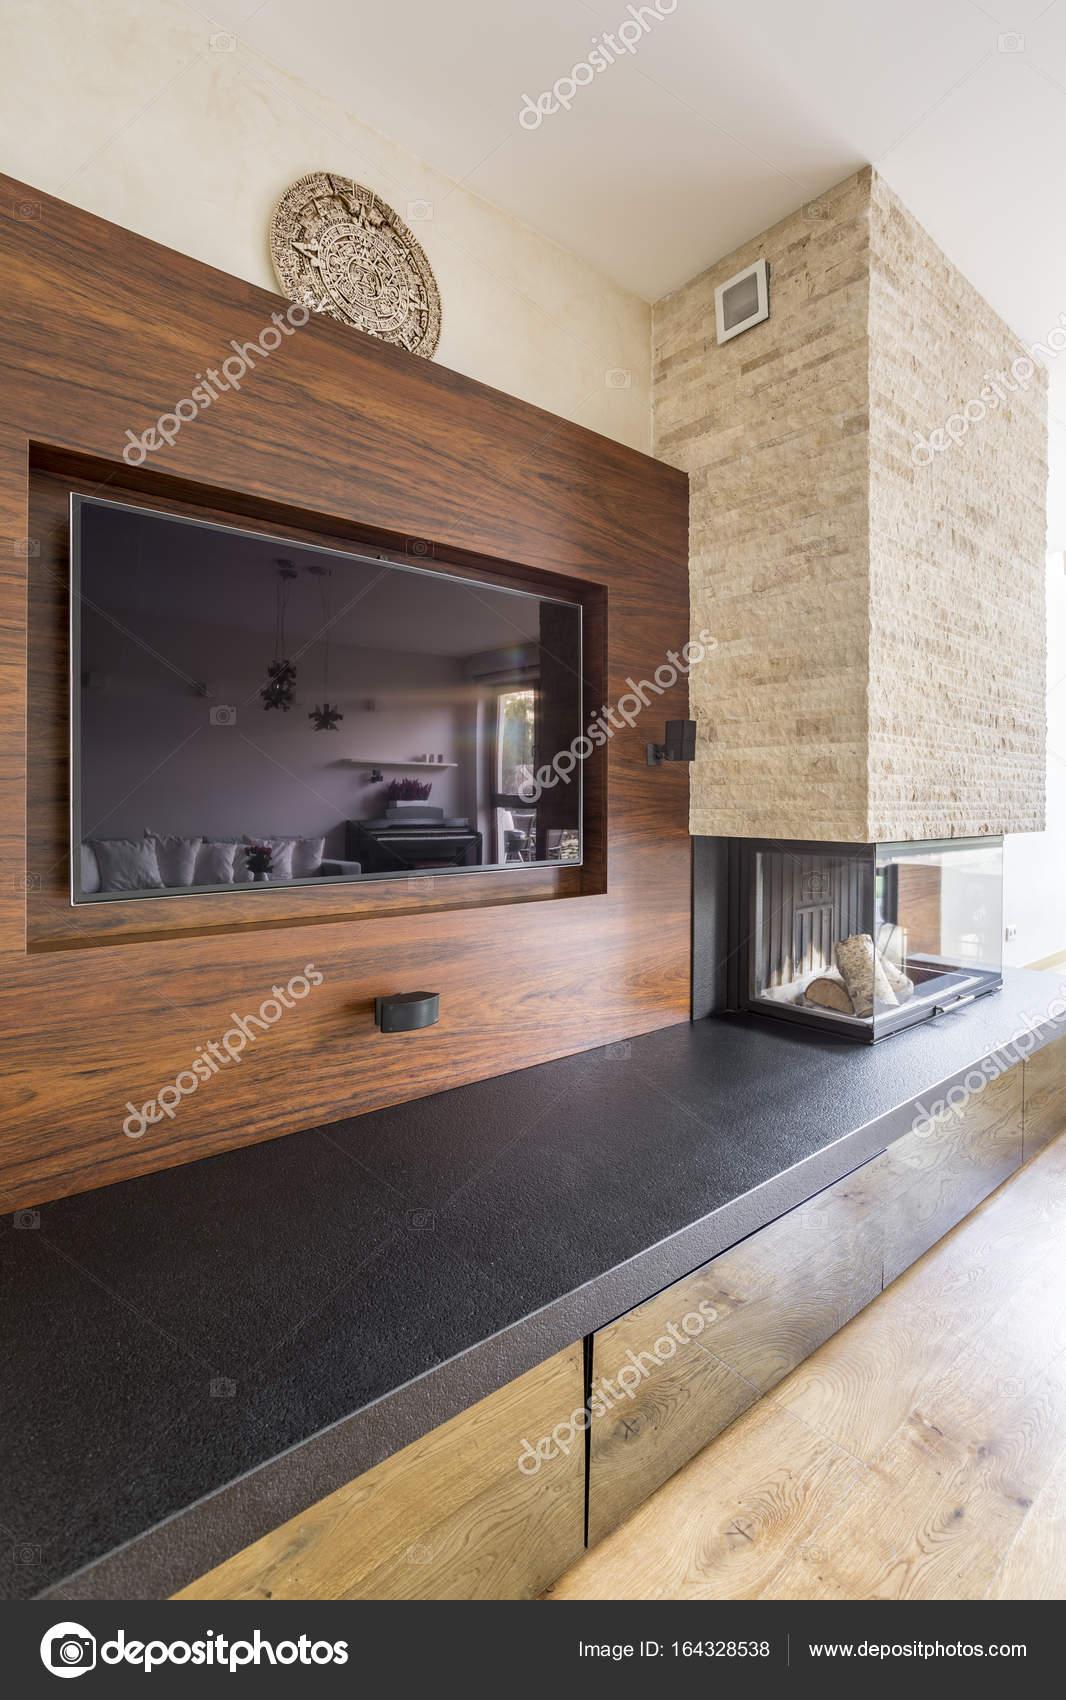 Fantastisch TV Und Kamin Im Eleganten Zimmer U2014 Stockfoto